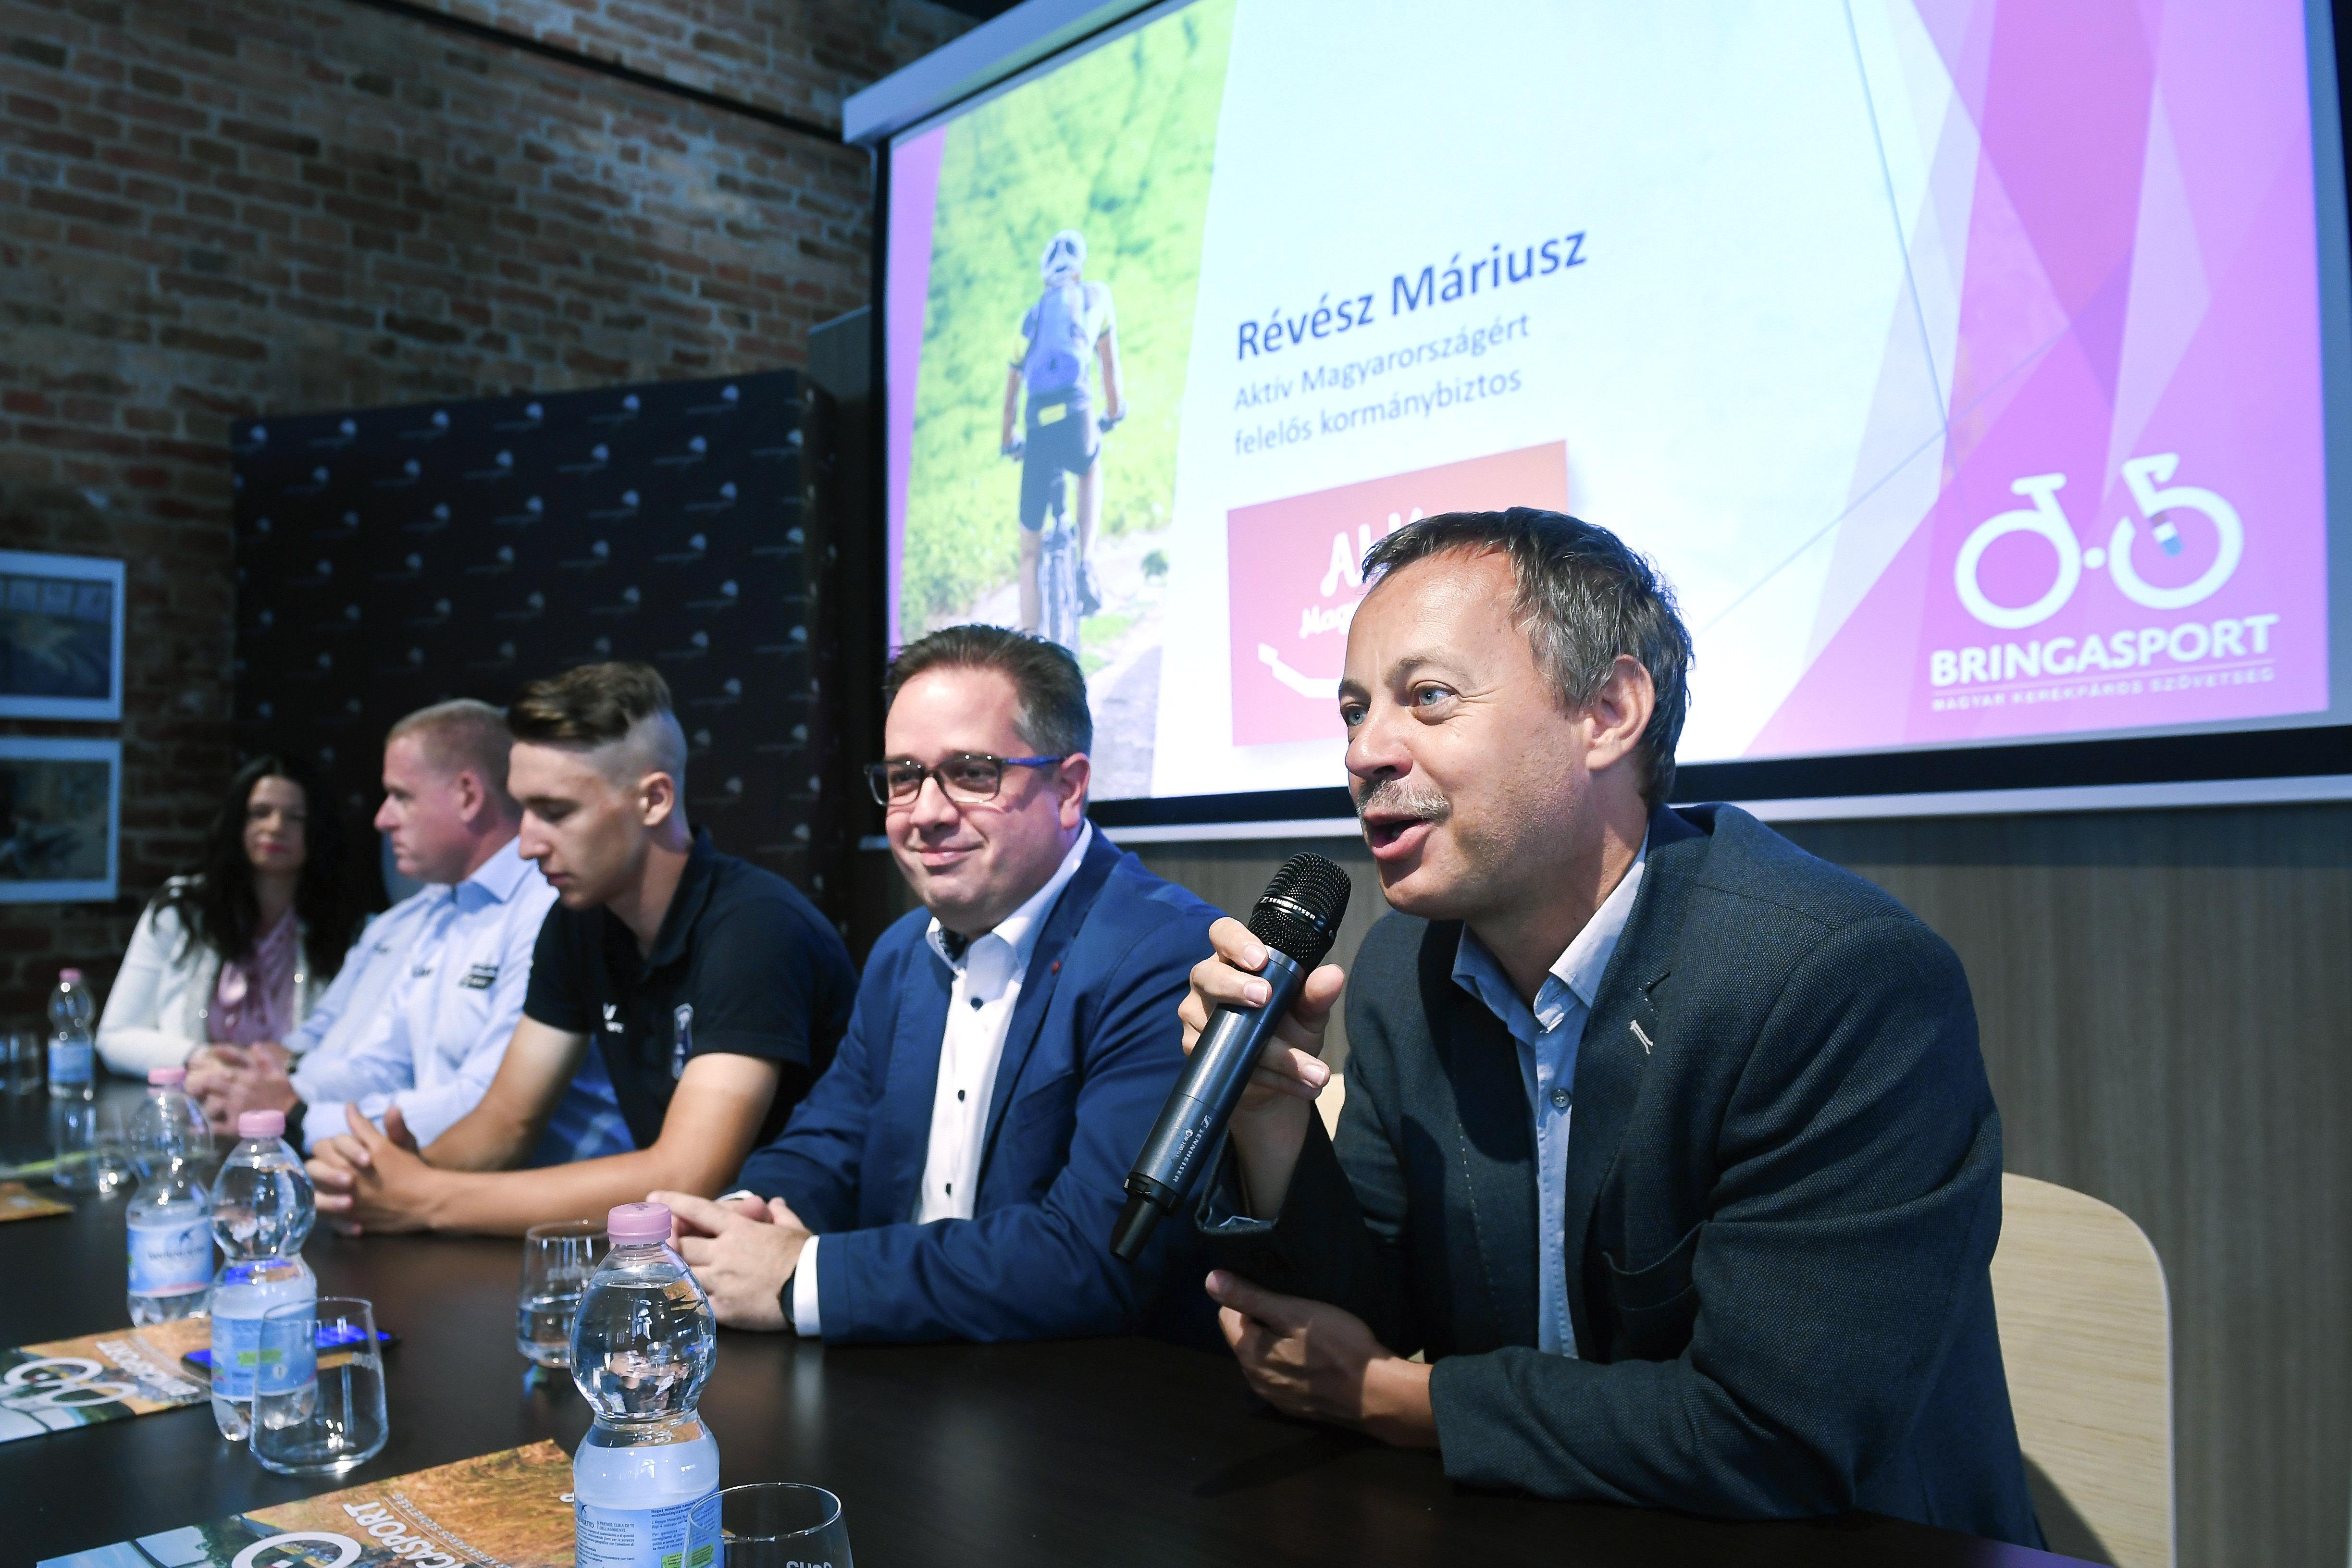 Révész Máriusz idei átadást ígért, de még egy méter sem épült meg a Budapest-Balaton kerékpárútból